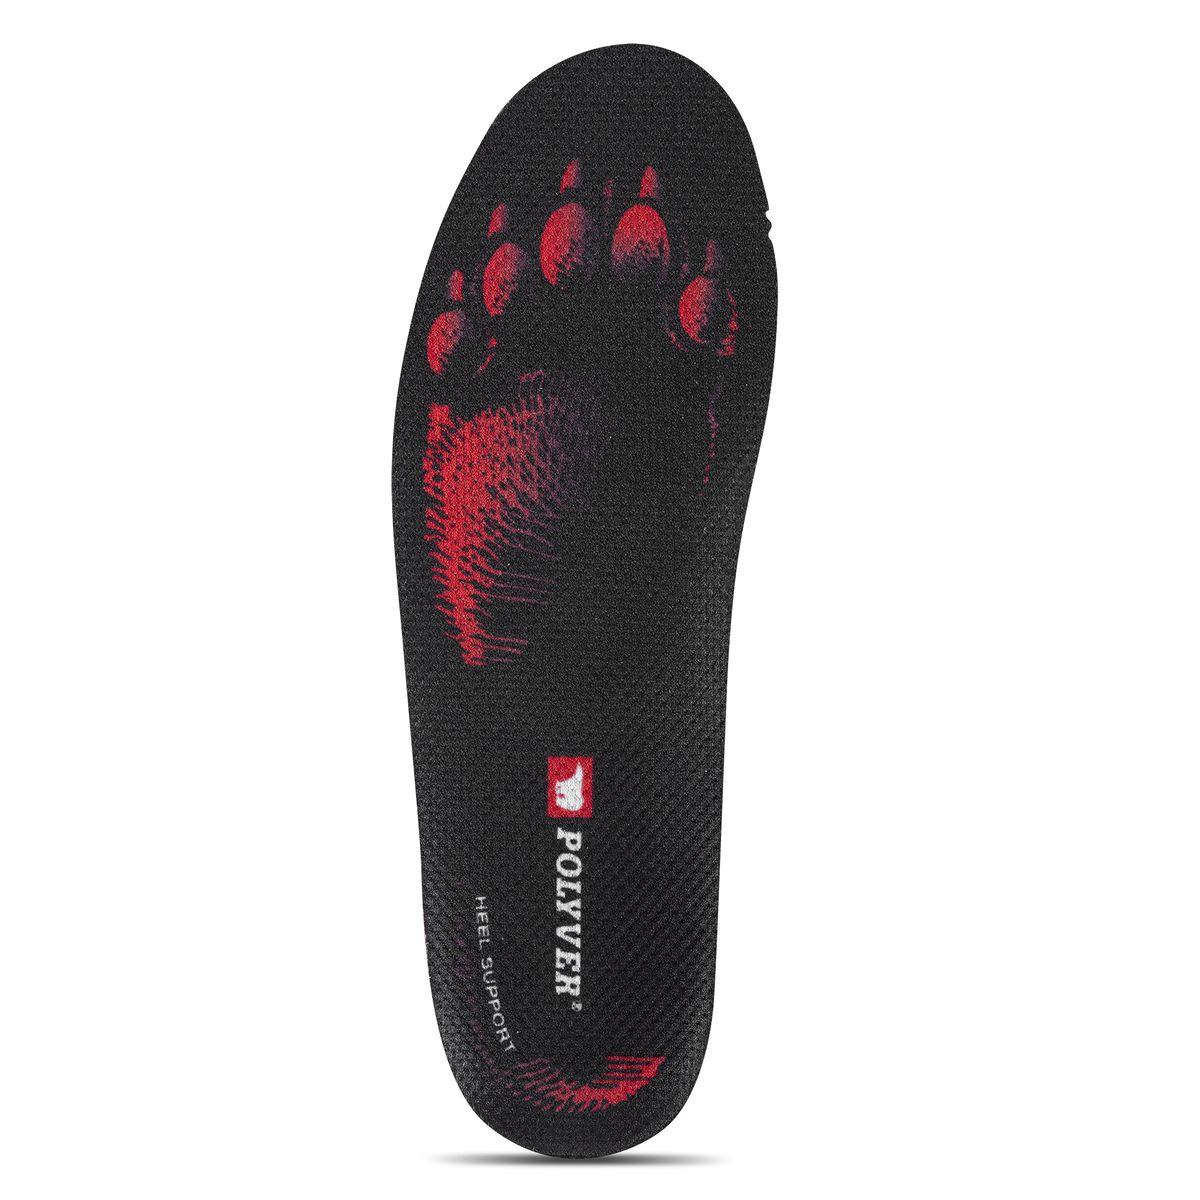 Стельки мужские POLYVER PREMIUM, цвет: красно-черный. Размер: 46-48NN-606-LS-GRТермоизоляционные стельки Polyver отлично защищают ноги от холода при этом отводя лишнюю влагу. Стельки состоят из трех слоев: впитывающий влагу, амортизационный, термоизоляционный. Комфорт:- анатомическая форма с поддержкой пятки- стабилизация стопы для уменьшения боли с суставах- повышает устойчивость и уменьшает усталость - производятся только в Швеции